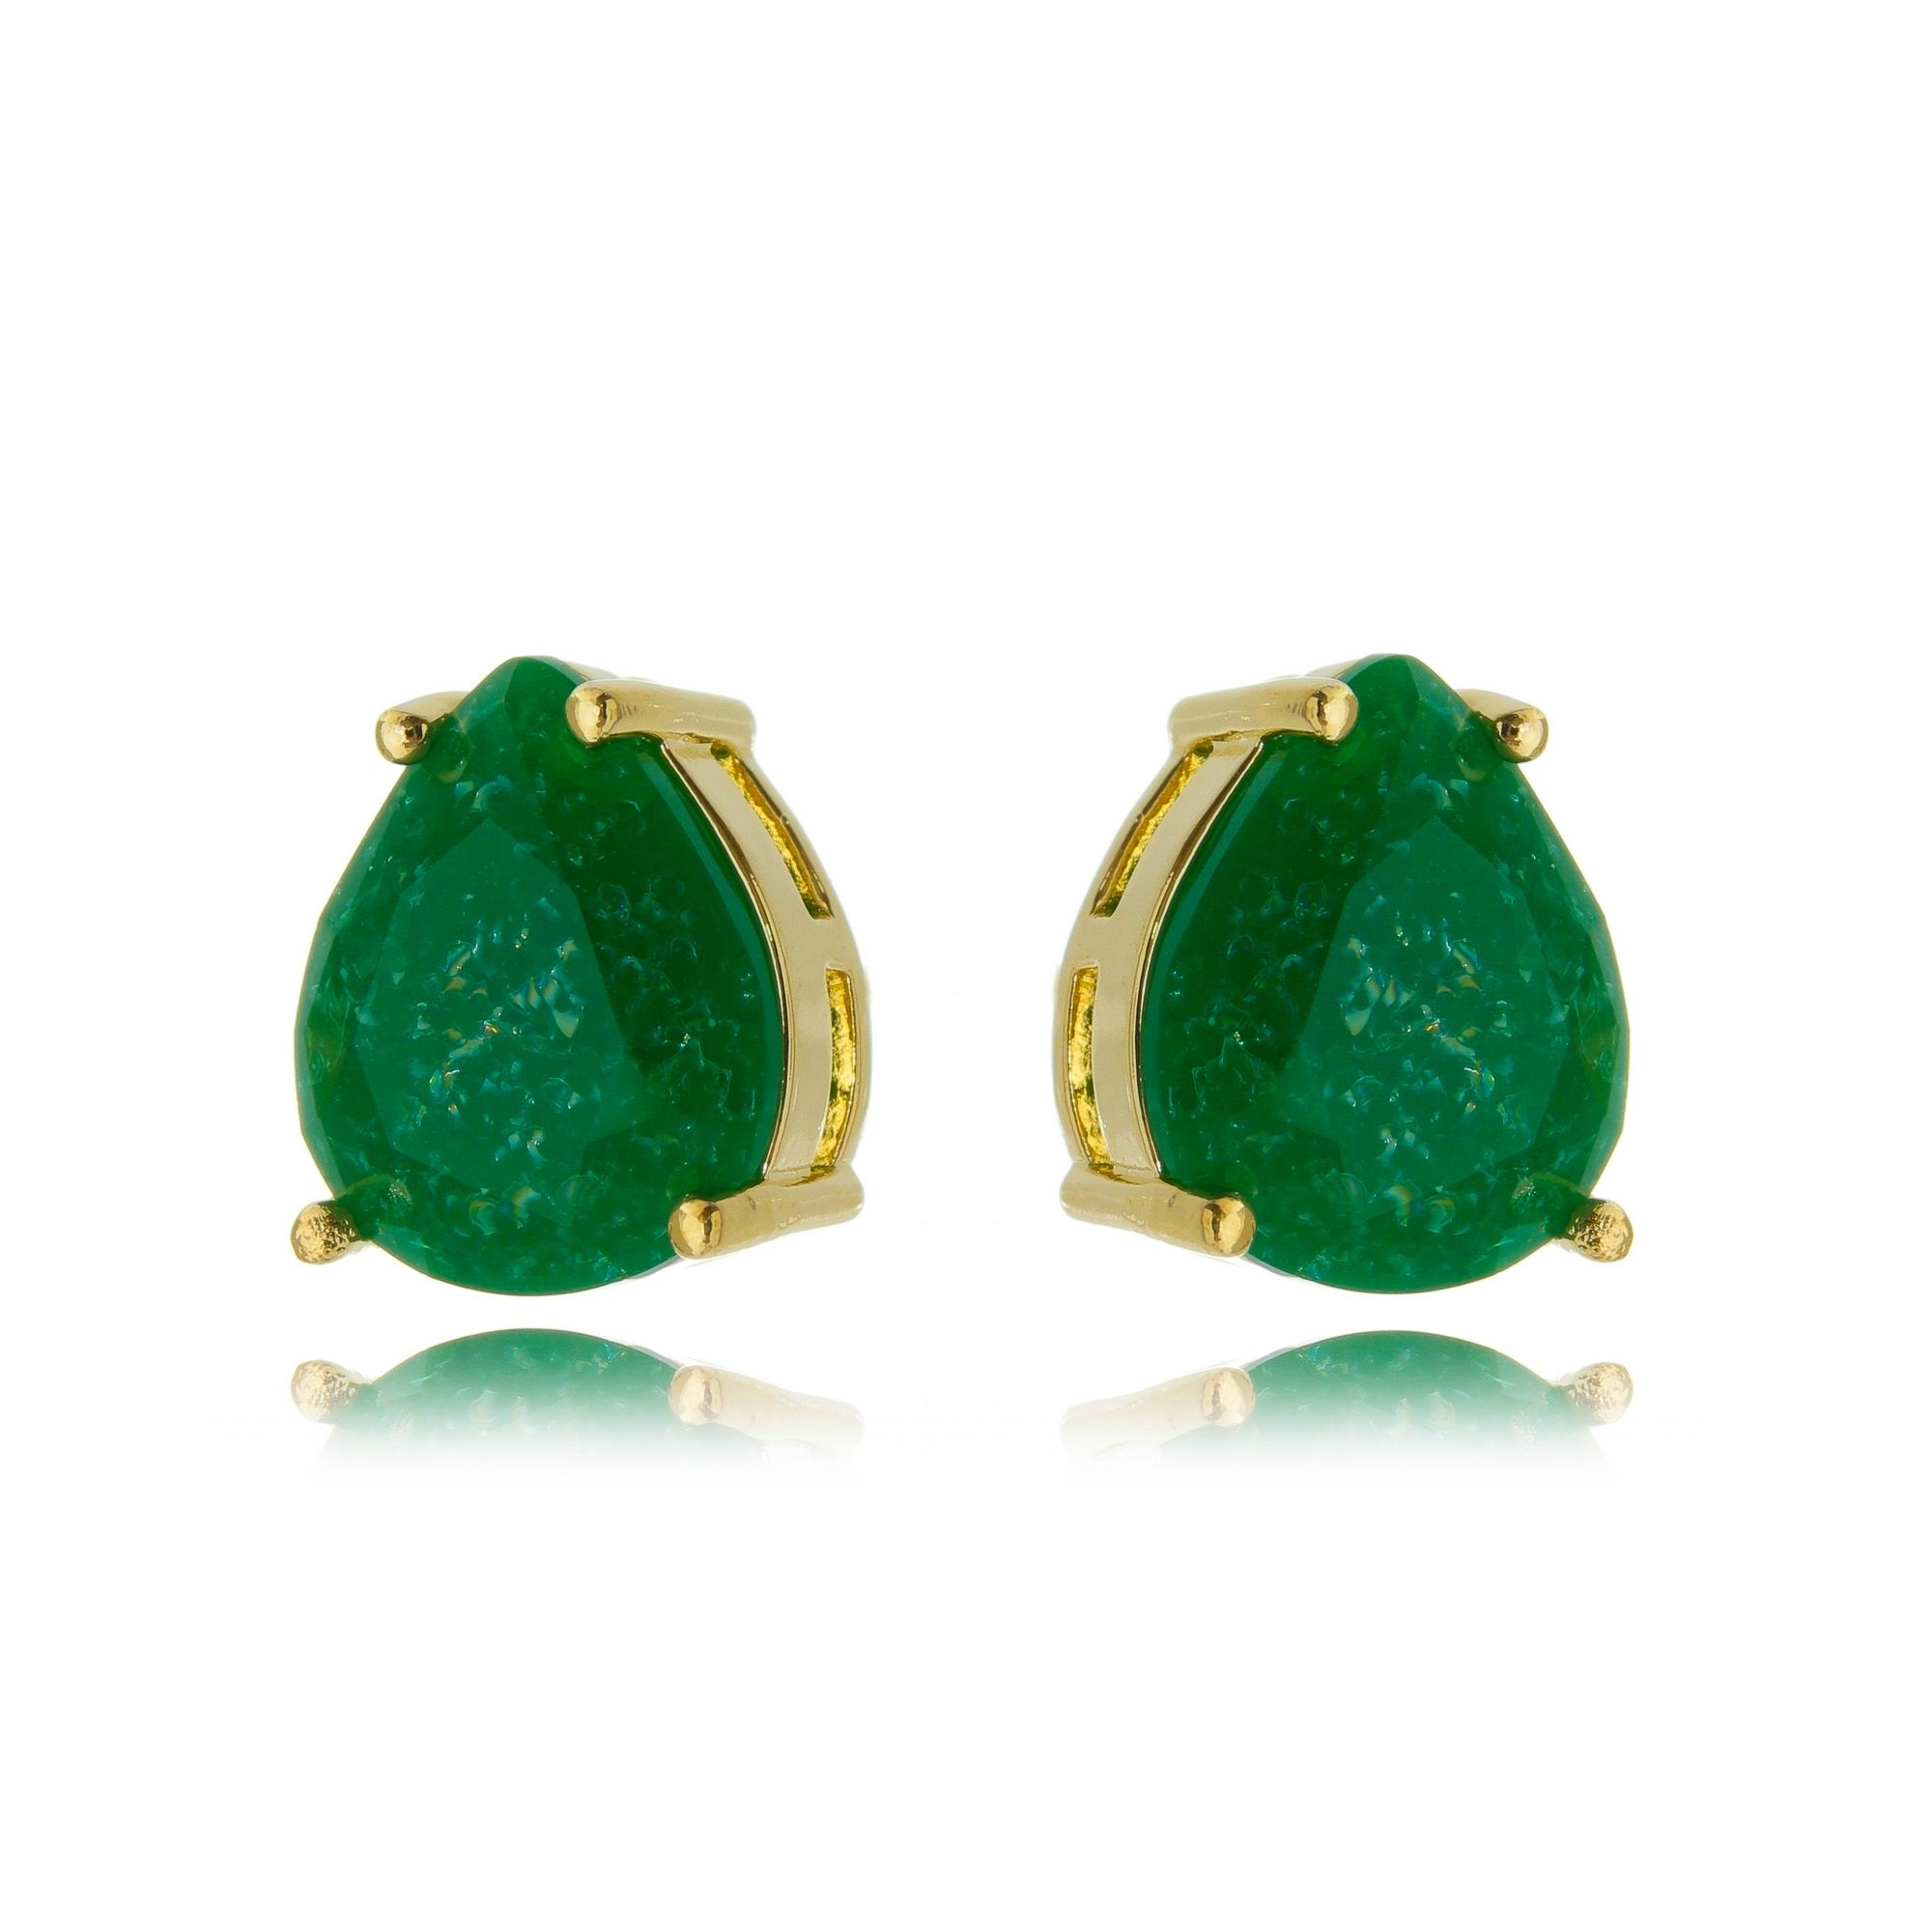 Brinco Verde Esmeralda Fusion Semijoia Ouro Gota 10 x 12 mm  - Soloyou